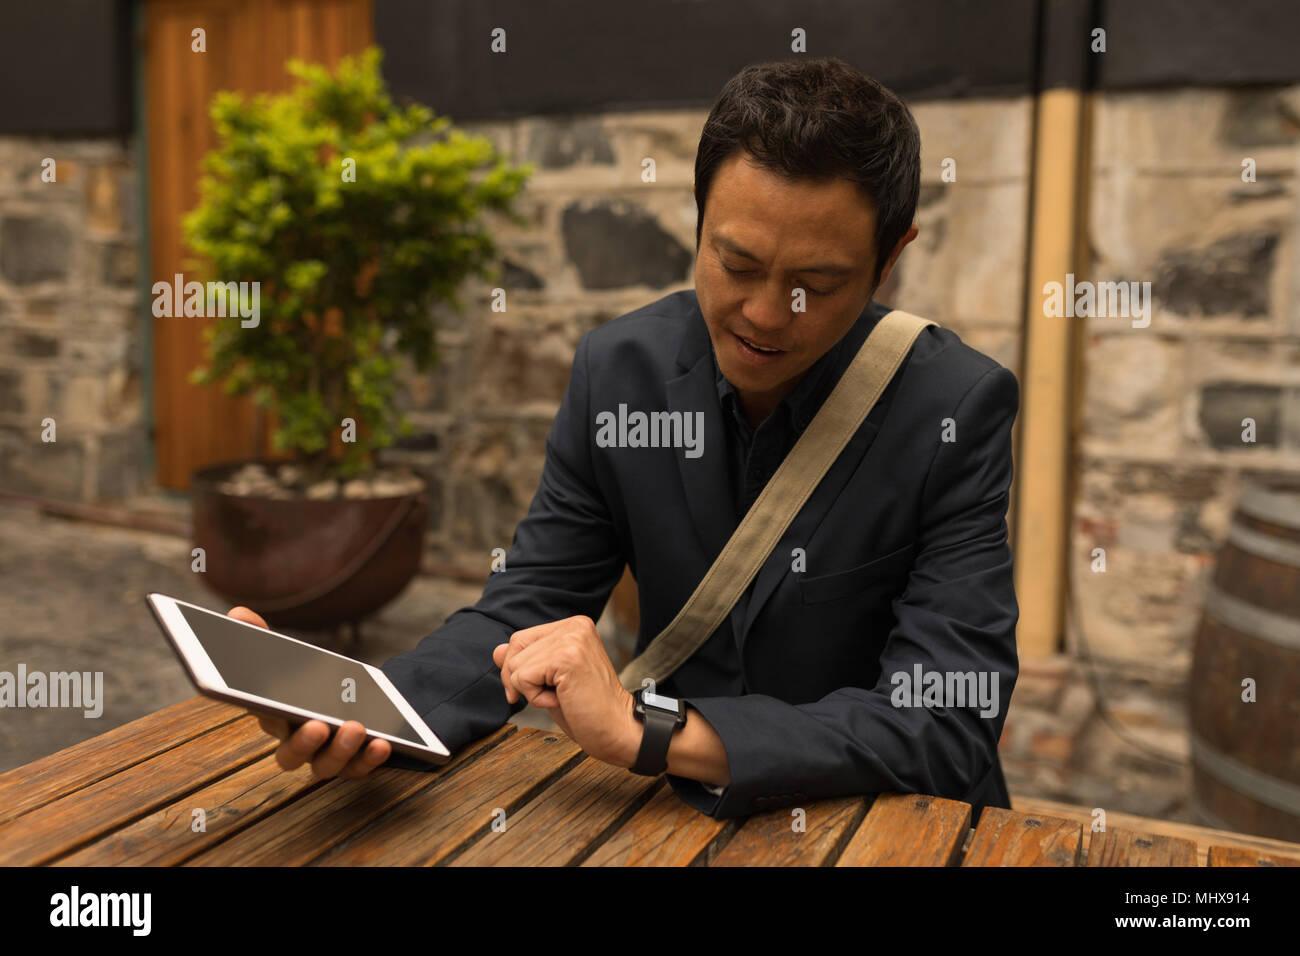 Businessman looking at smartwatch dans la chaussée cafe Photo Stock